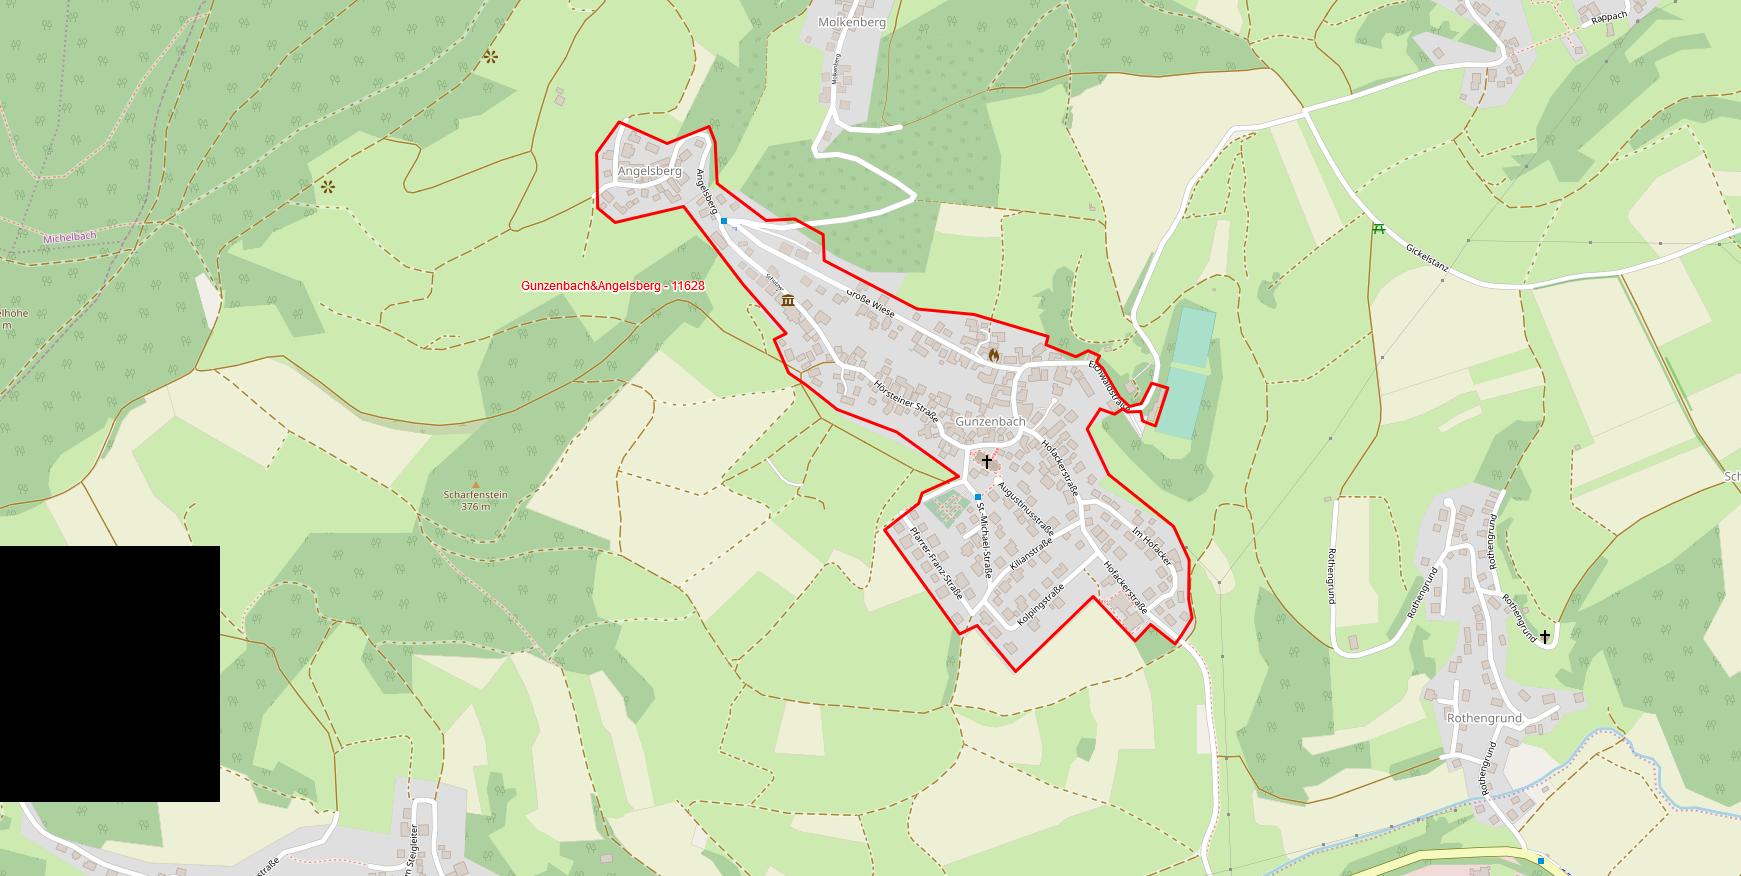 Gunzenbach und Angelsberg Polygon